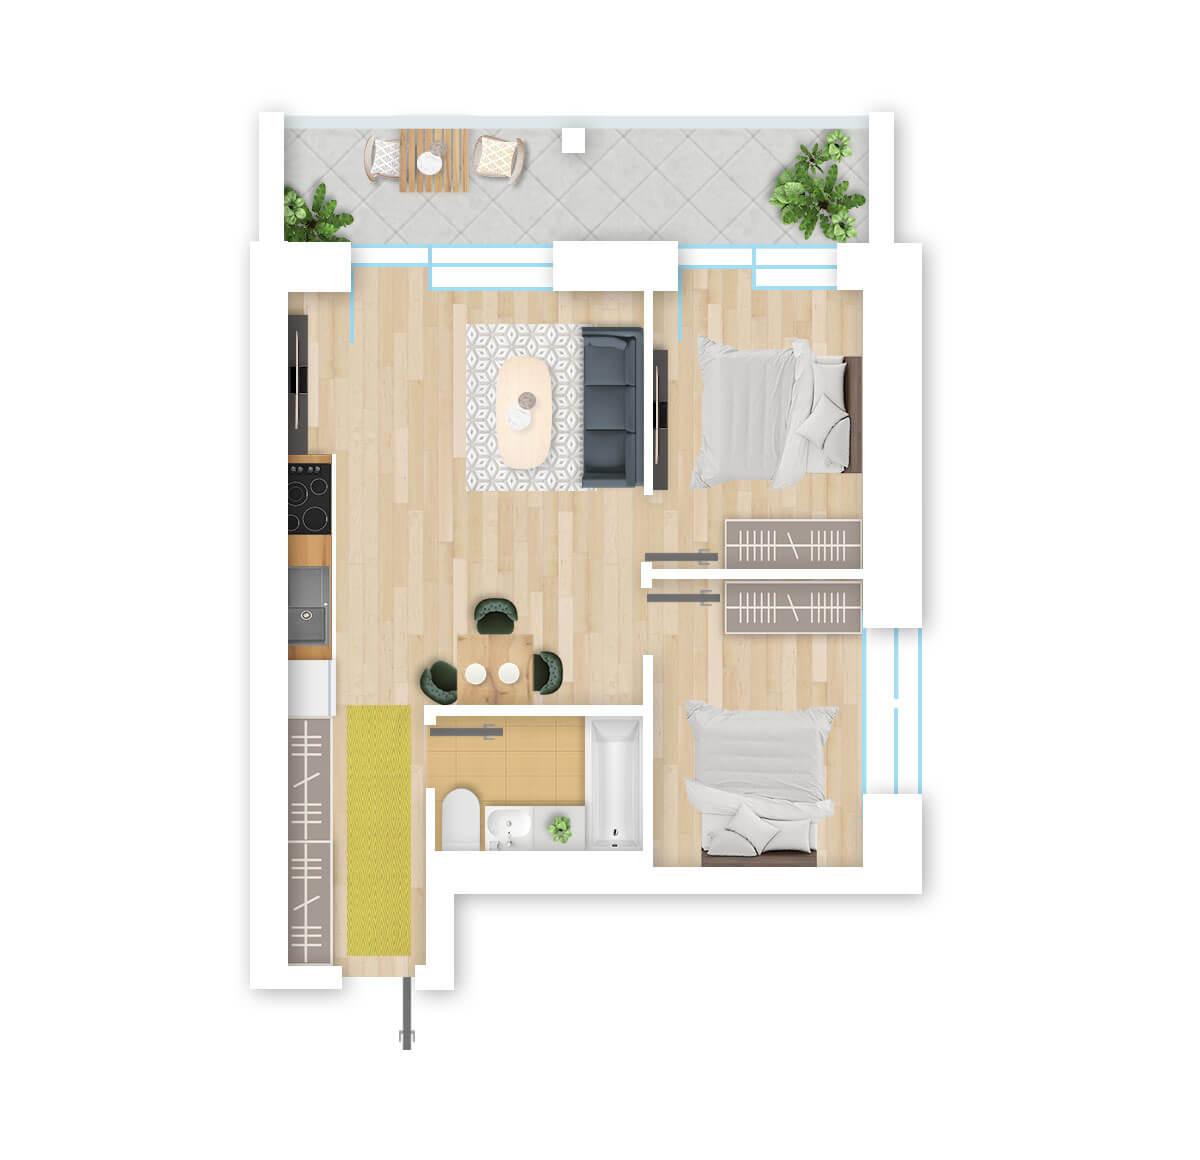 parduodamas butas Lazdynėlių g. 16B - 38 Vilniuje, buto 3D vaizdas